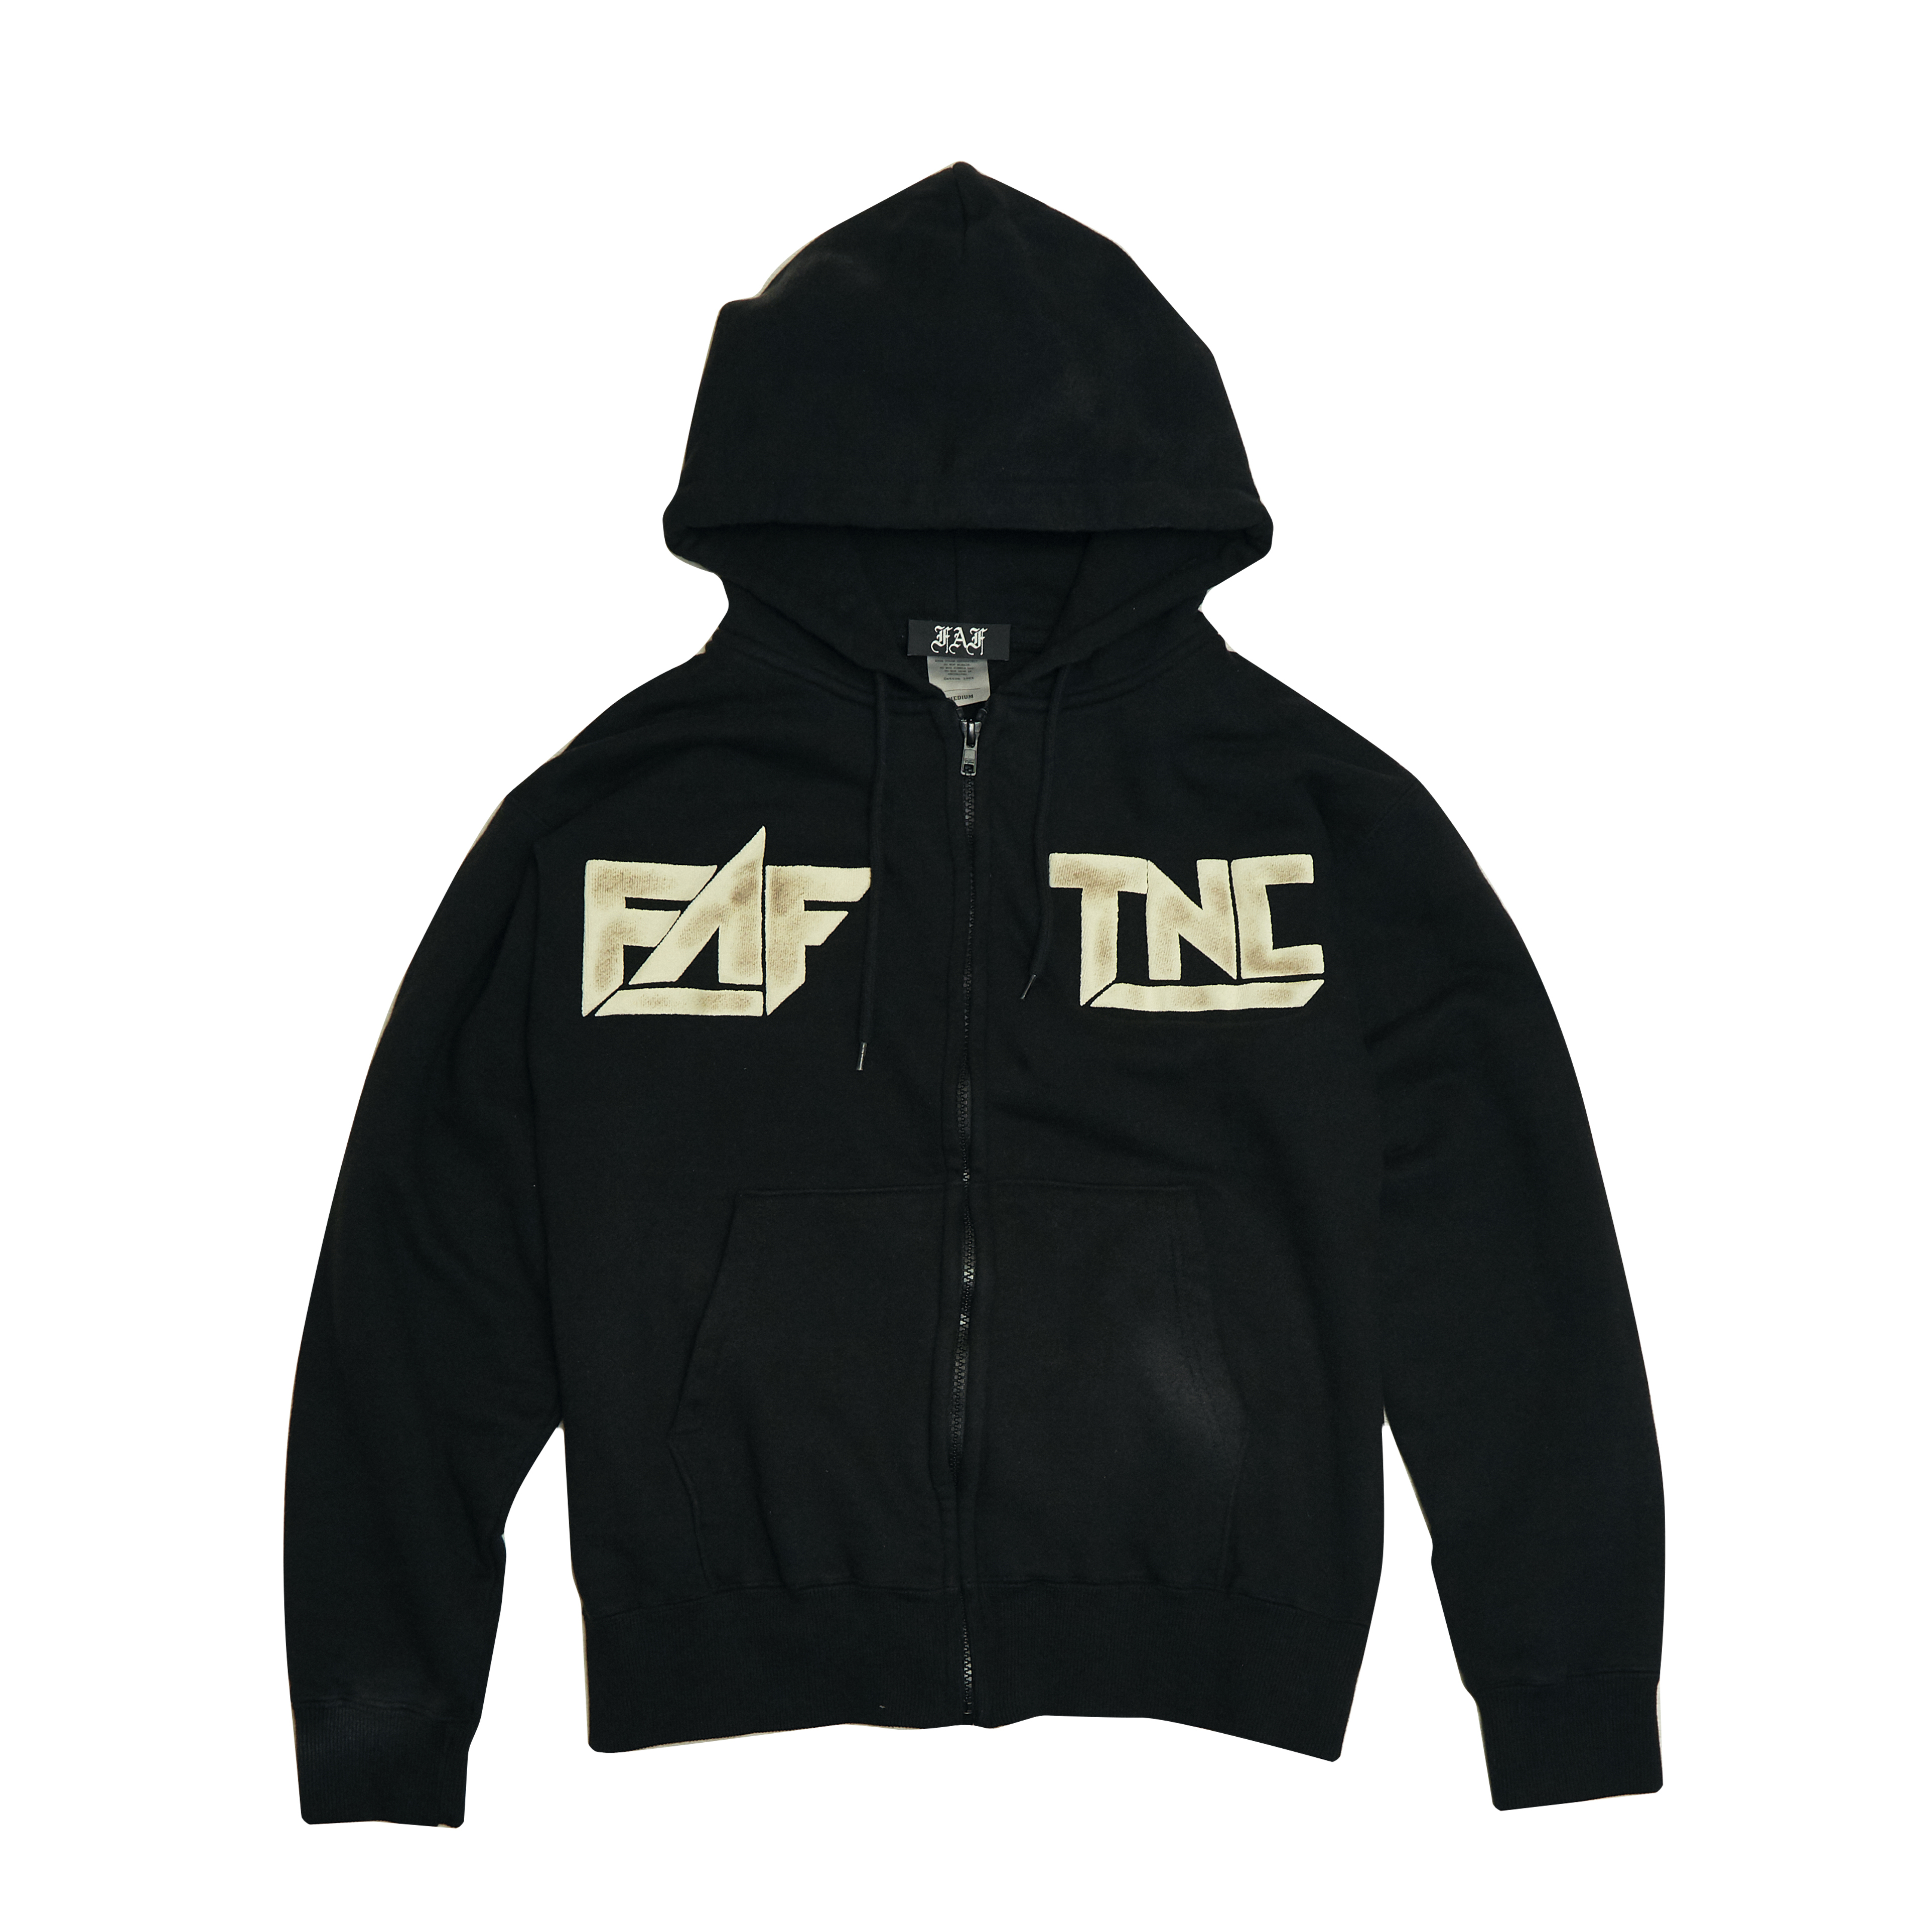 Sosa zipup hoodie -Black- - 画像1